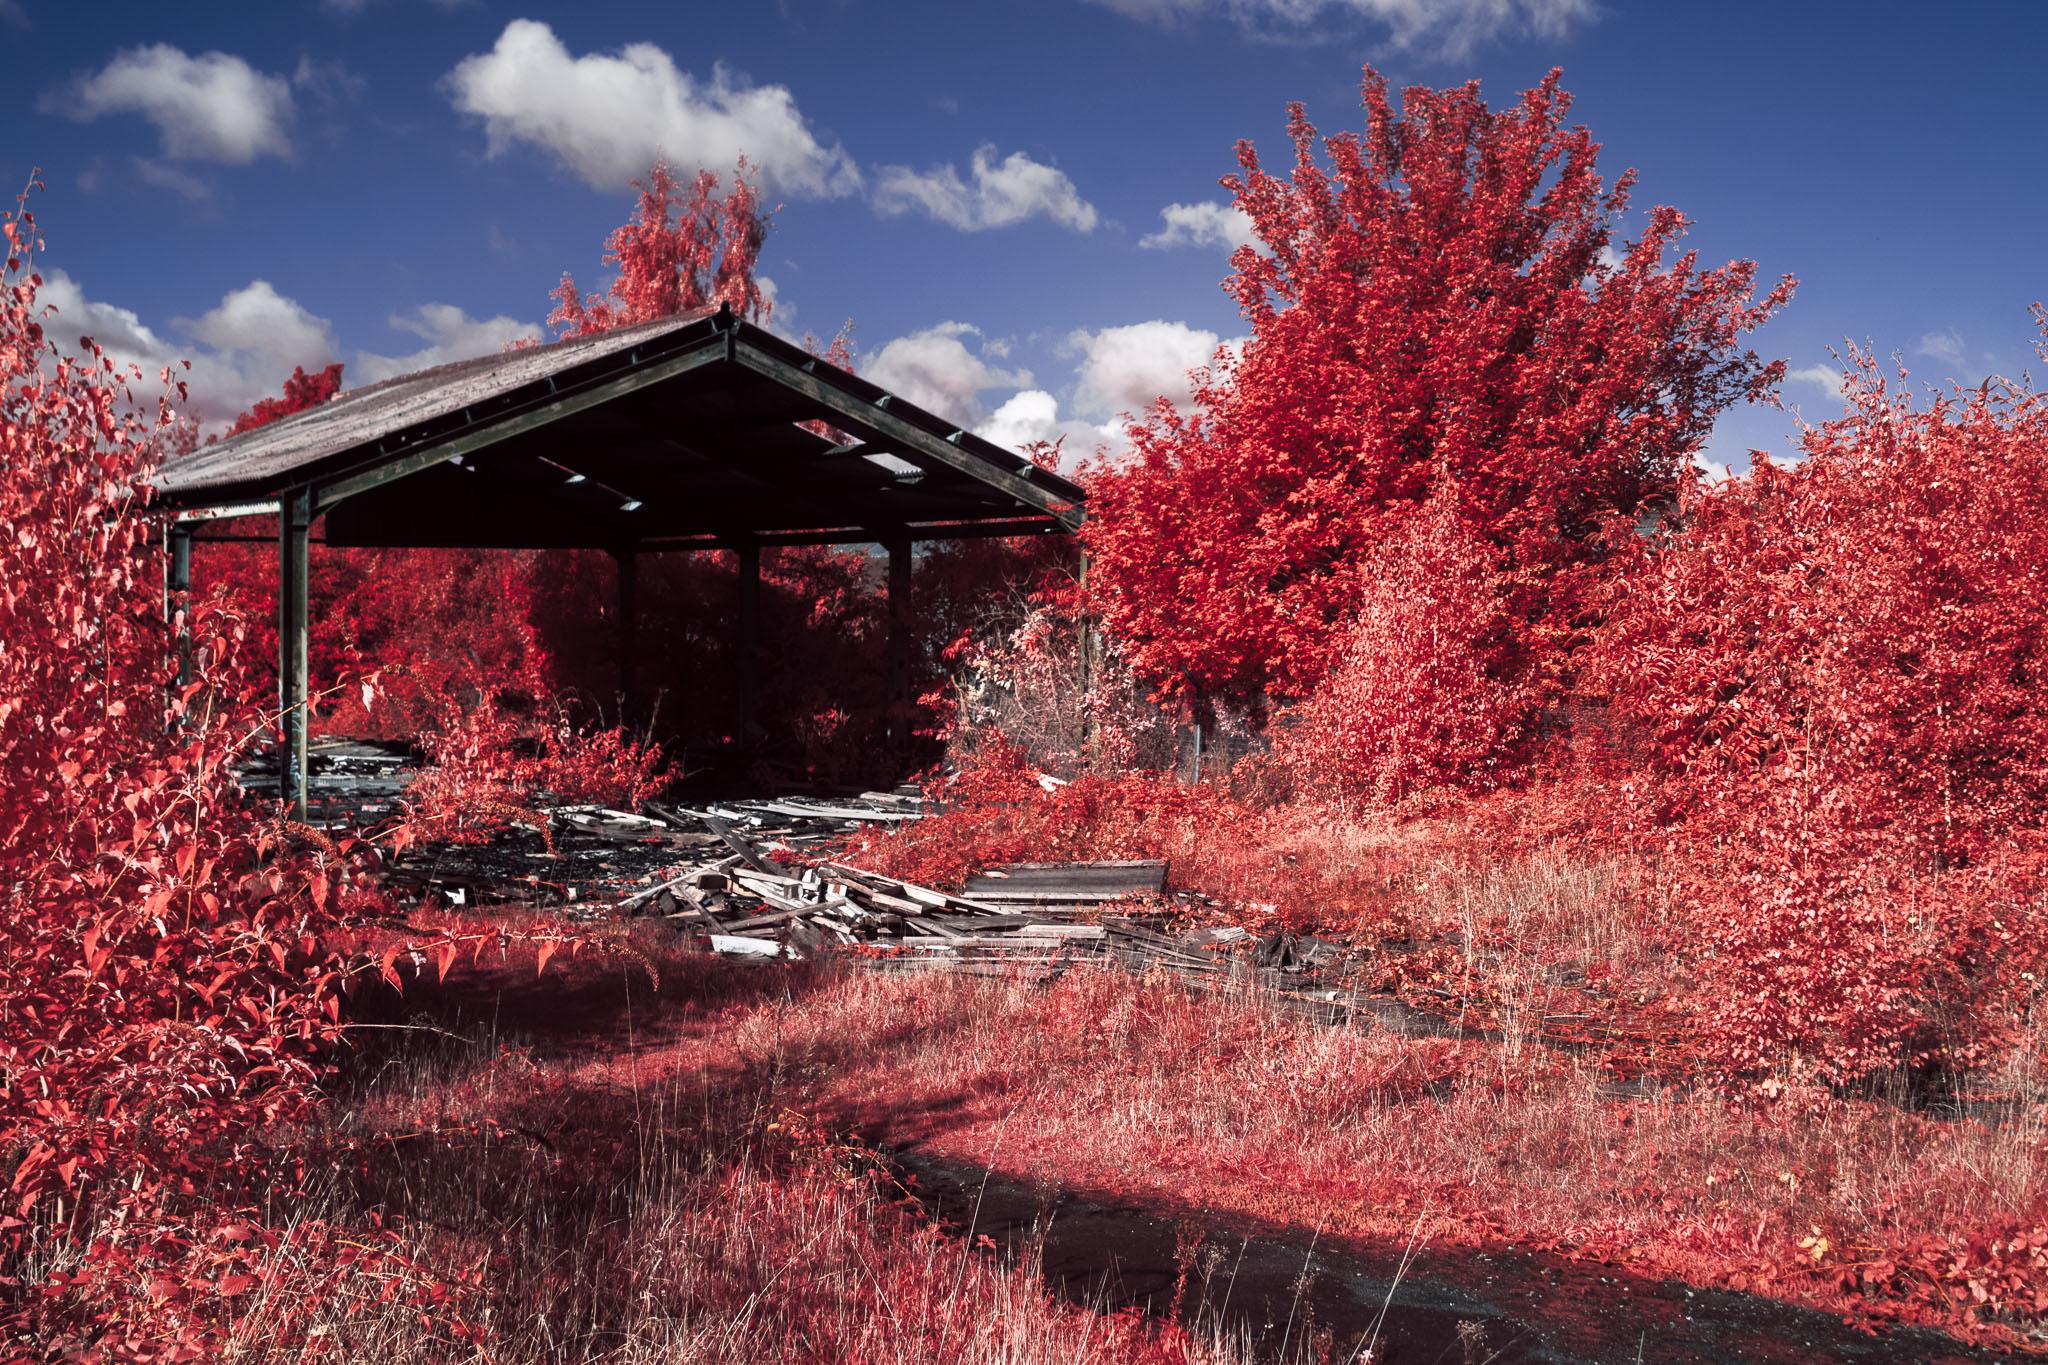 Kodak EIR Colour Infrared, Edgelands, Wasteland, Out of sight, Tram Depot, Warehouse ©Jonny Sutton